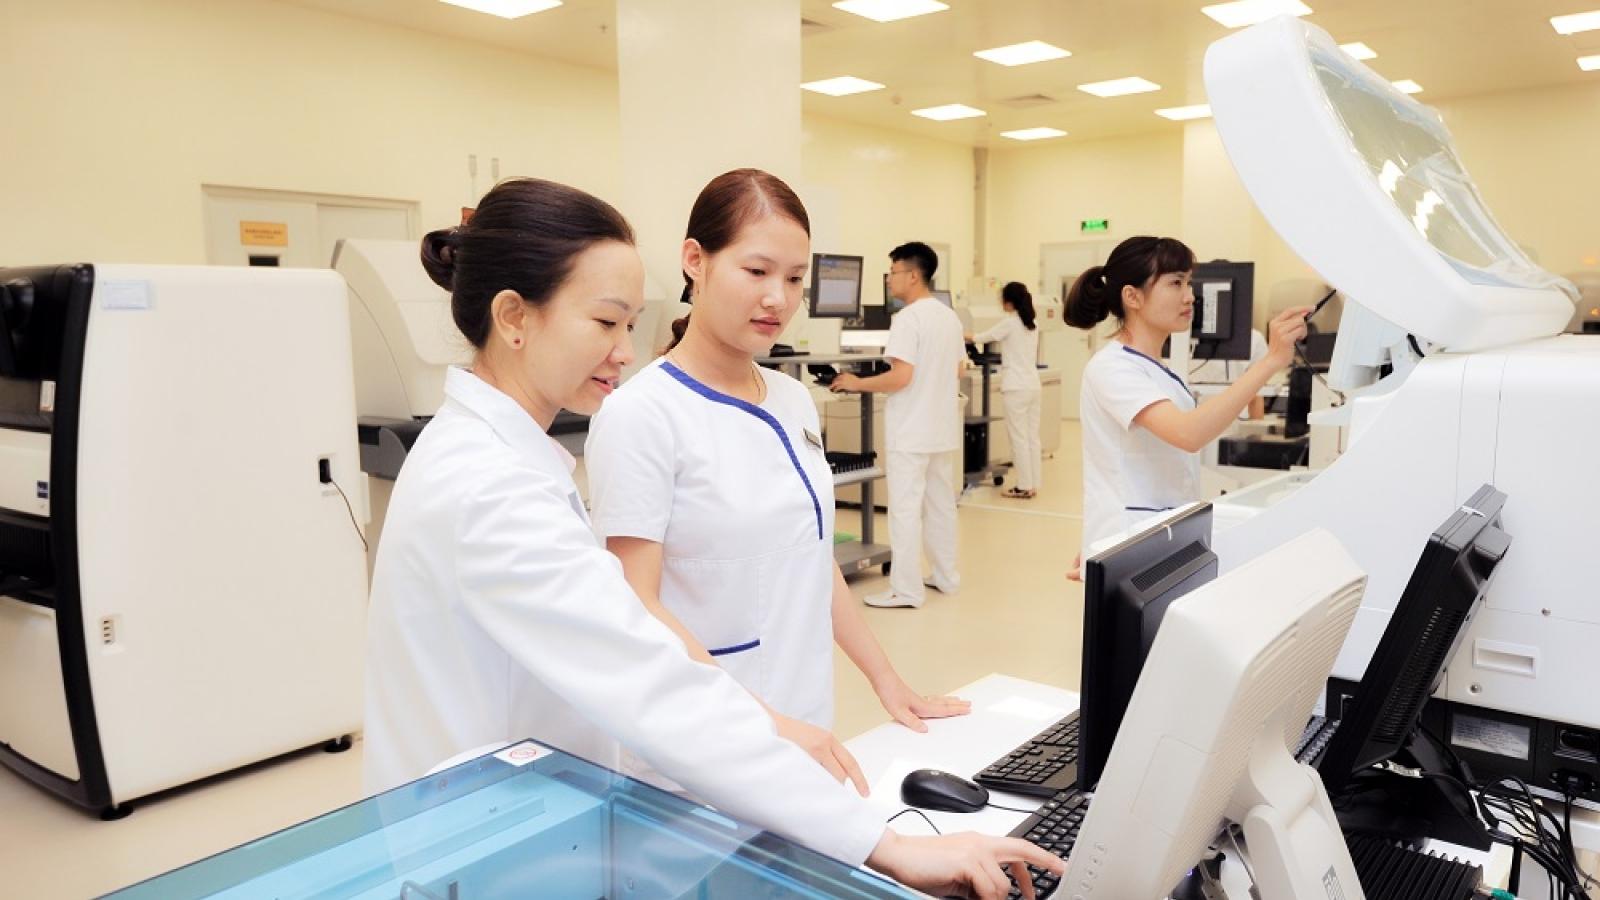 Bệnh viện Vinmec Central Park - TP HCM nhận chứng chỉ quốc tế JCI lần II